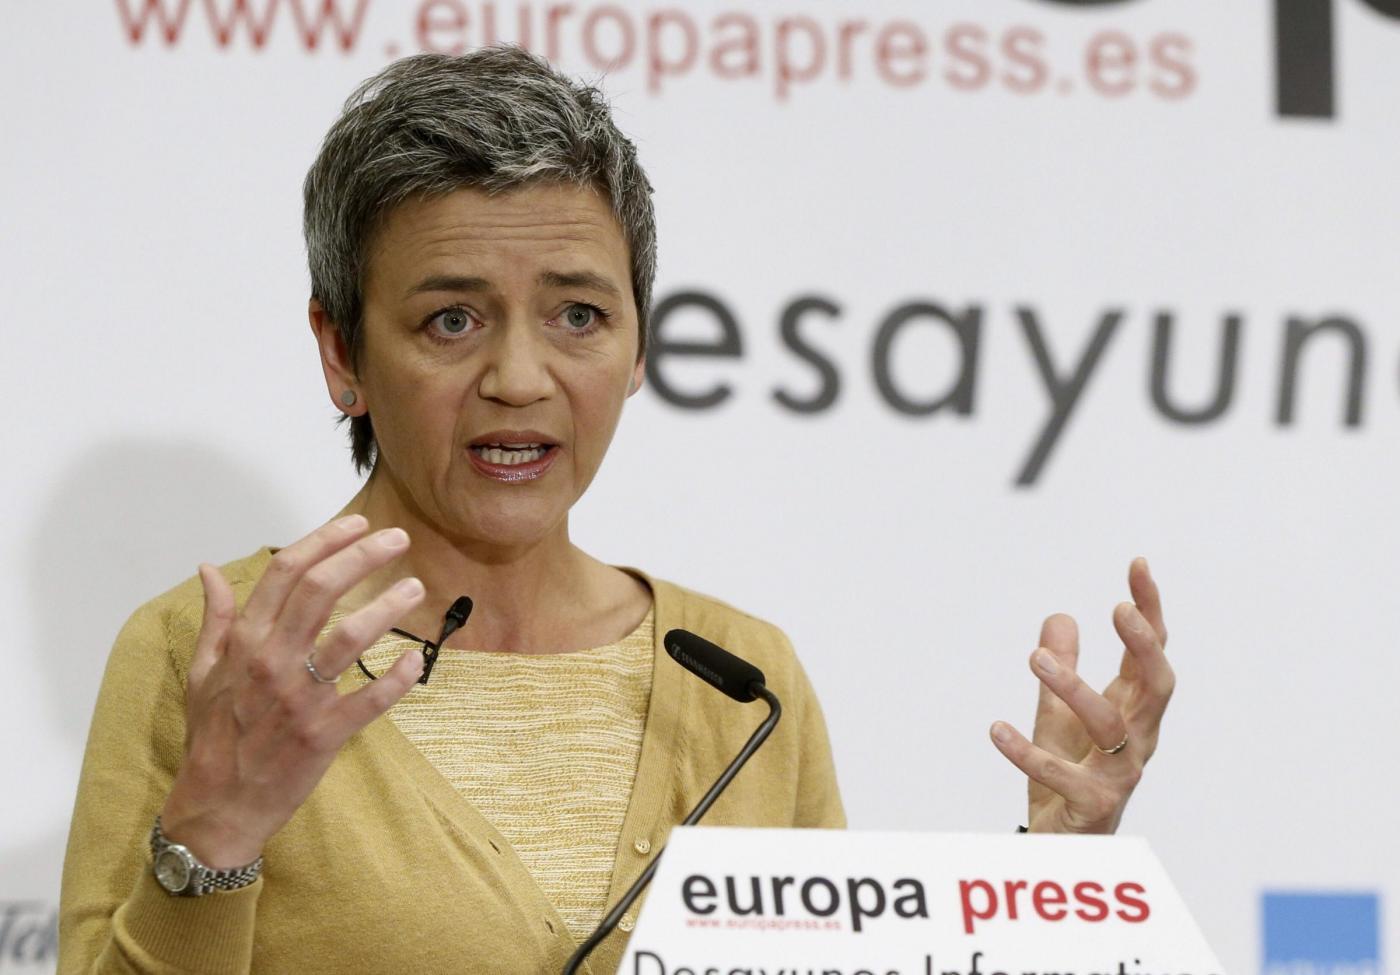 EU COMMISSIONER OF COMPETITION MARGRETHE VESTAGER IN MADRID